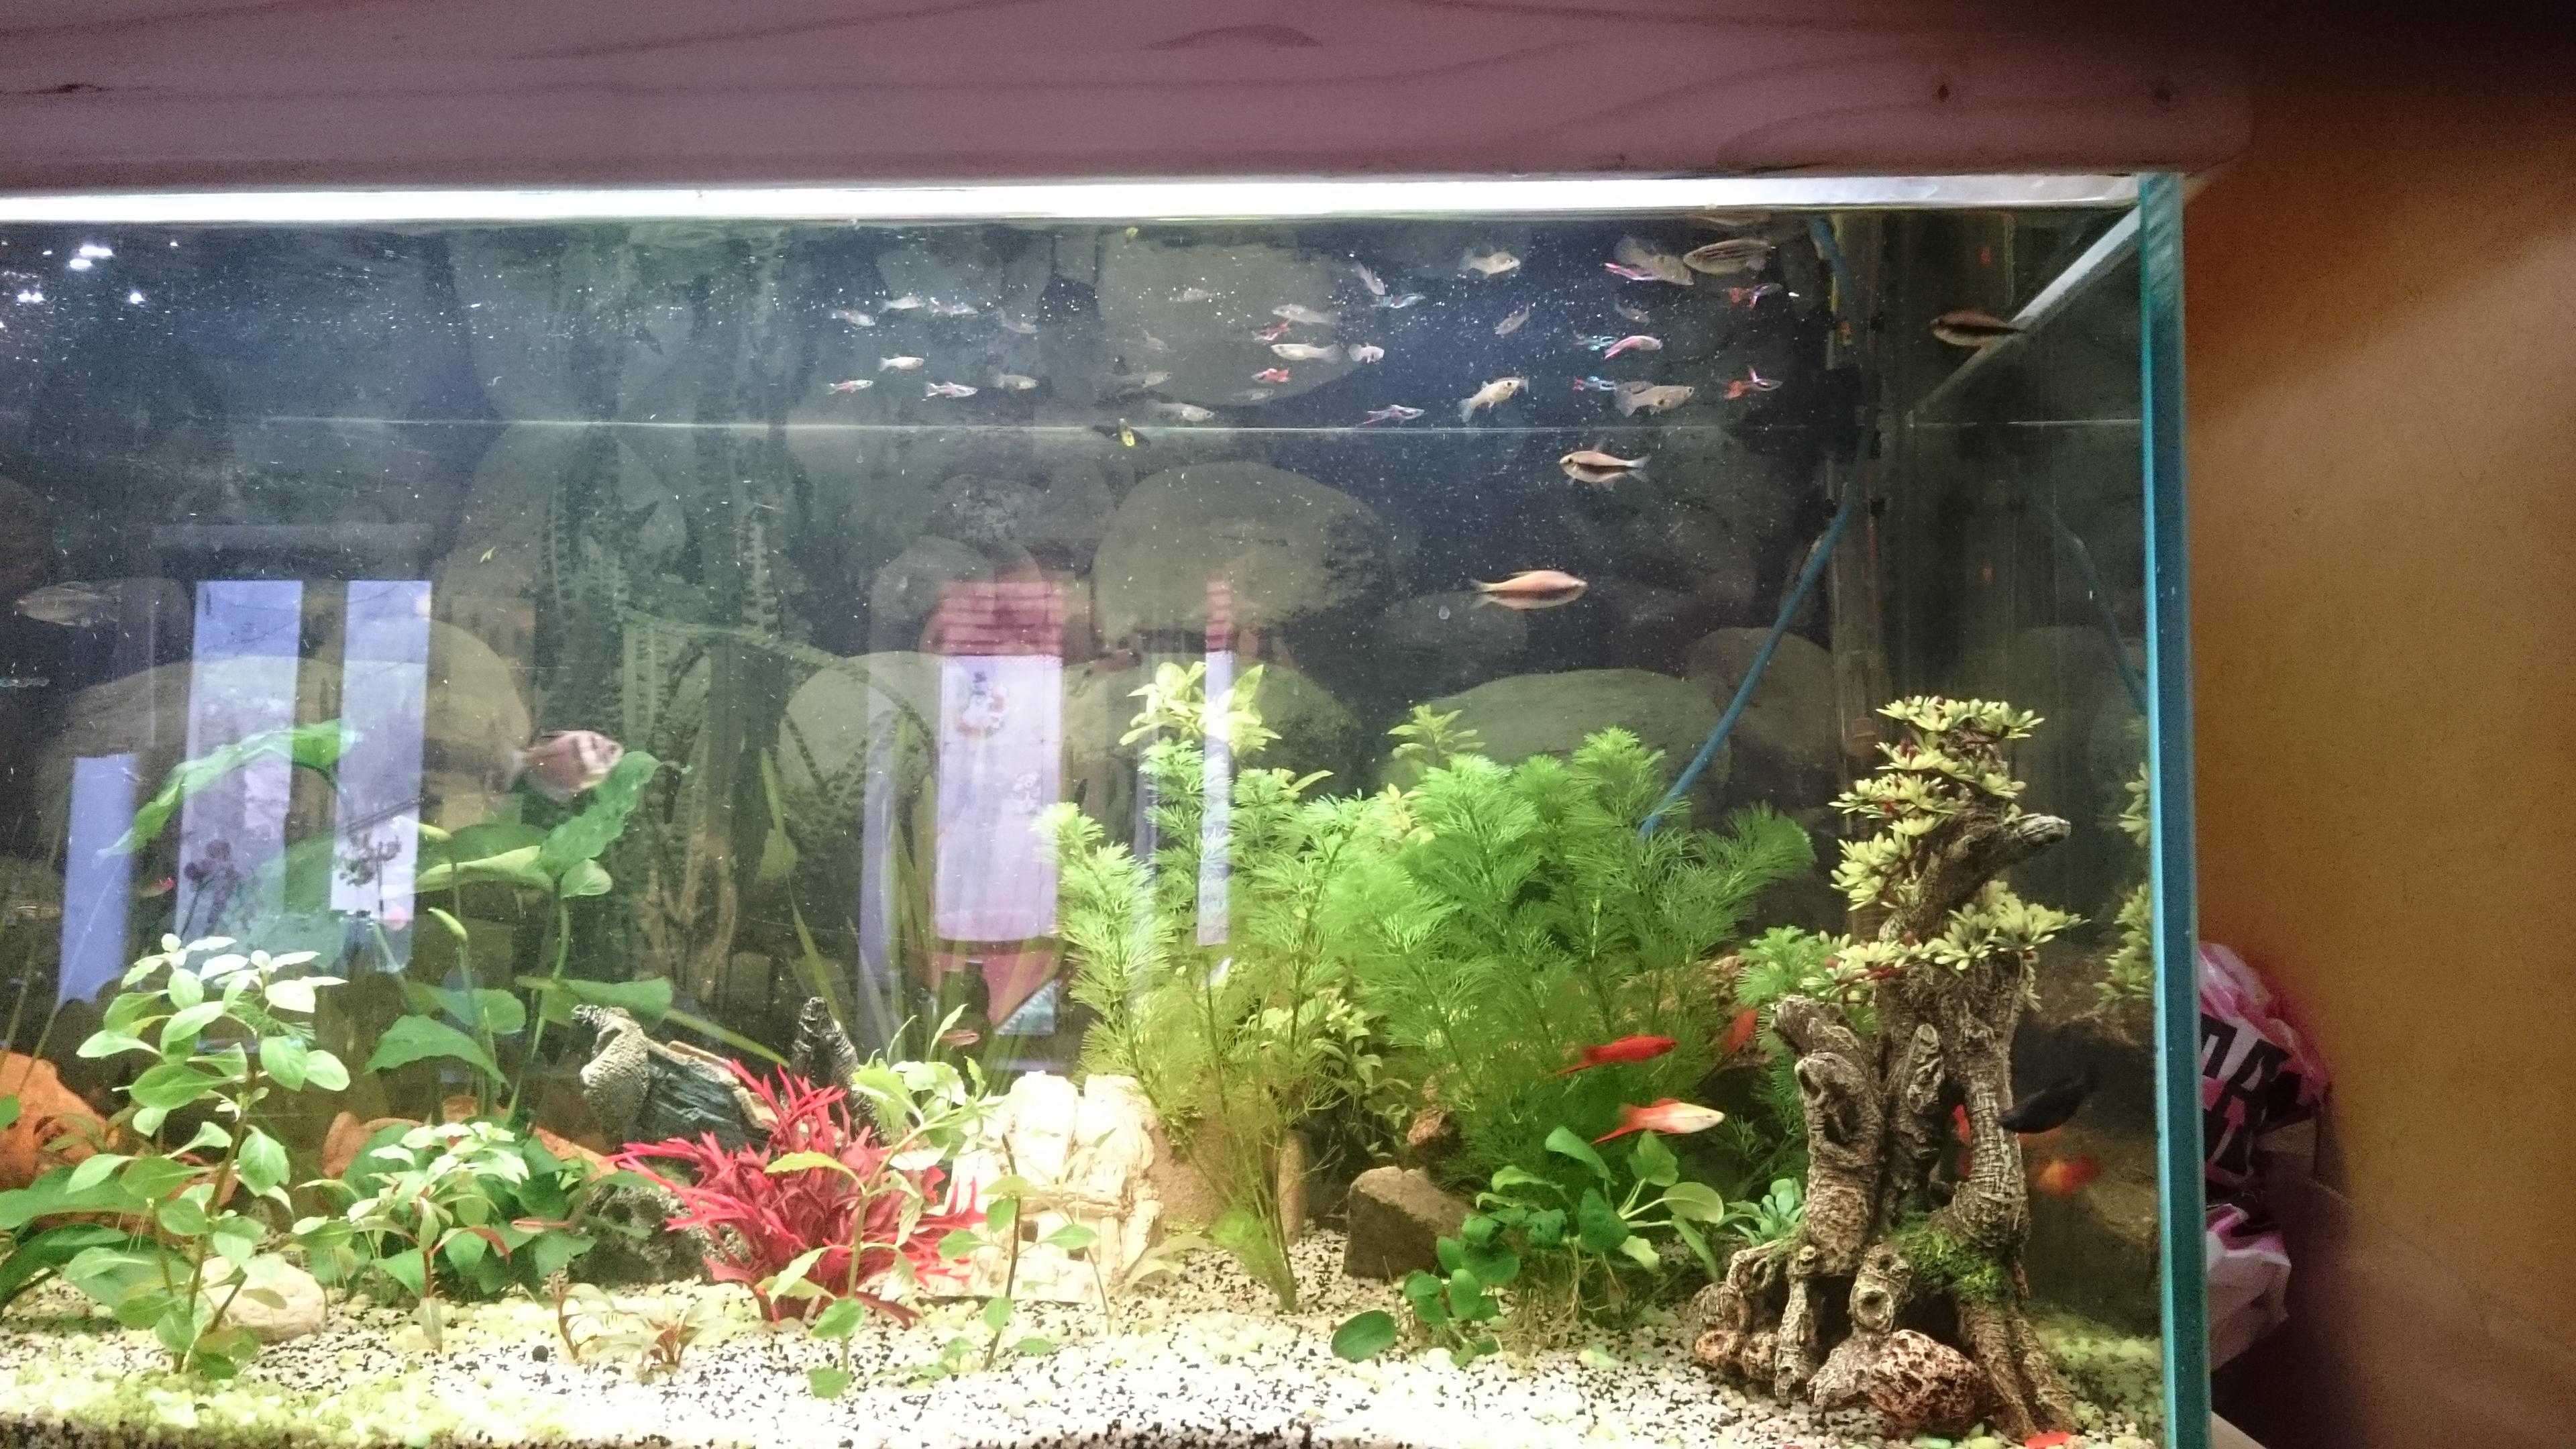 http://kimikooo.free.fr/Aquarium/DSC_0304.JPG